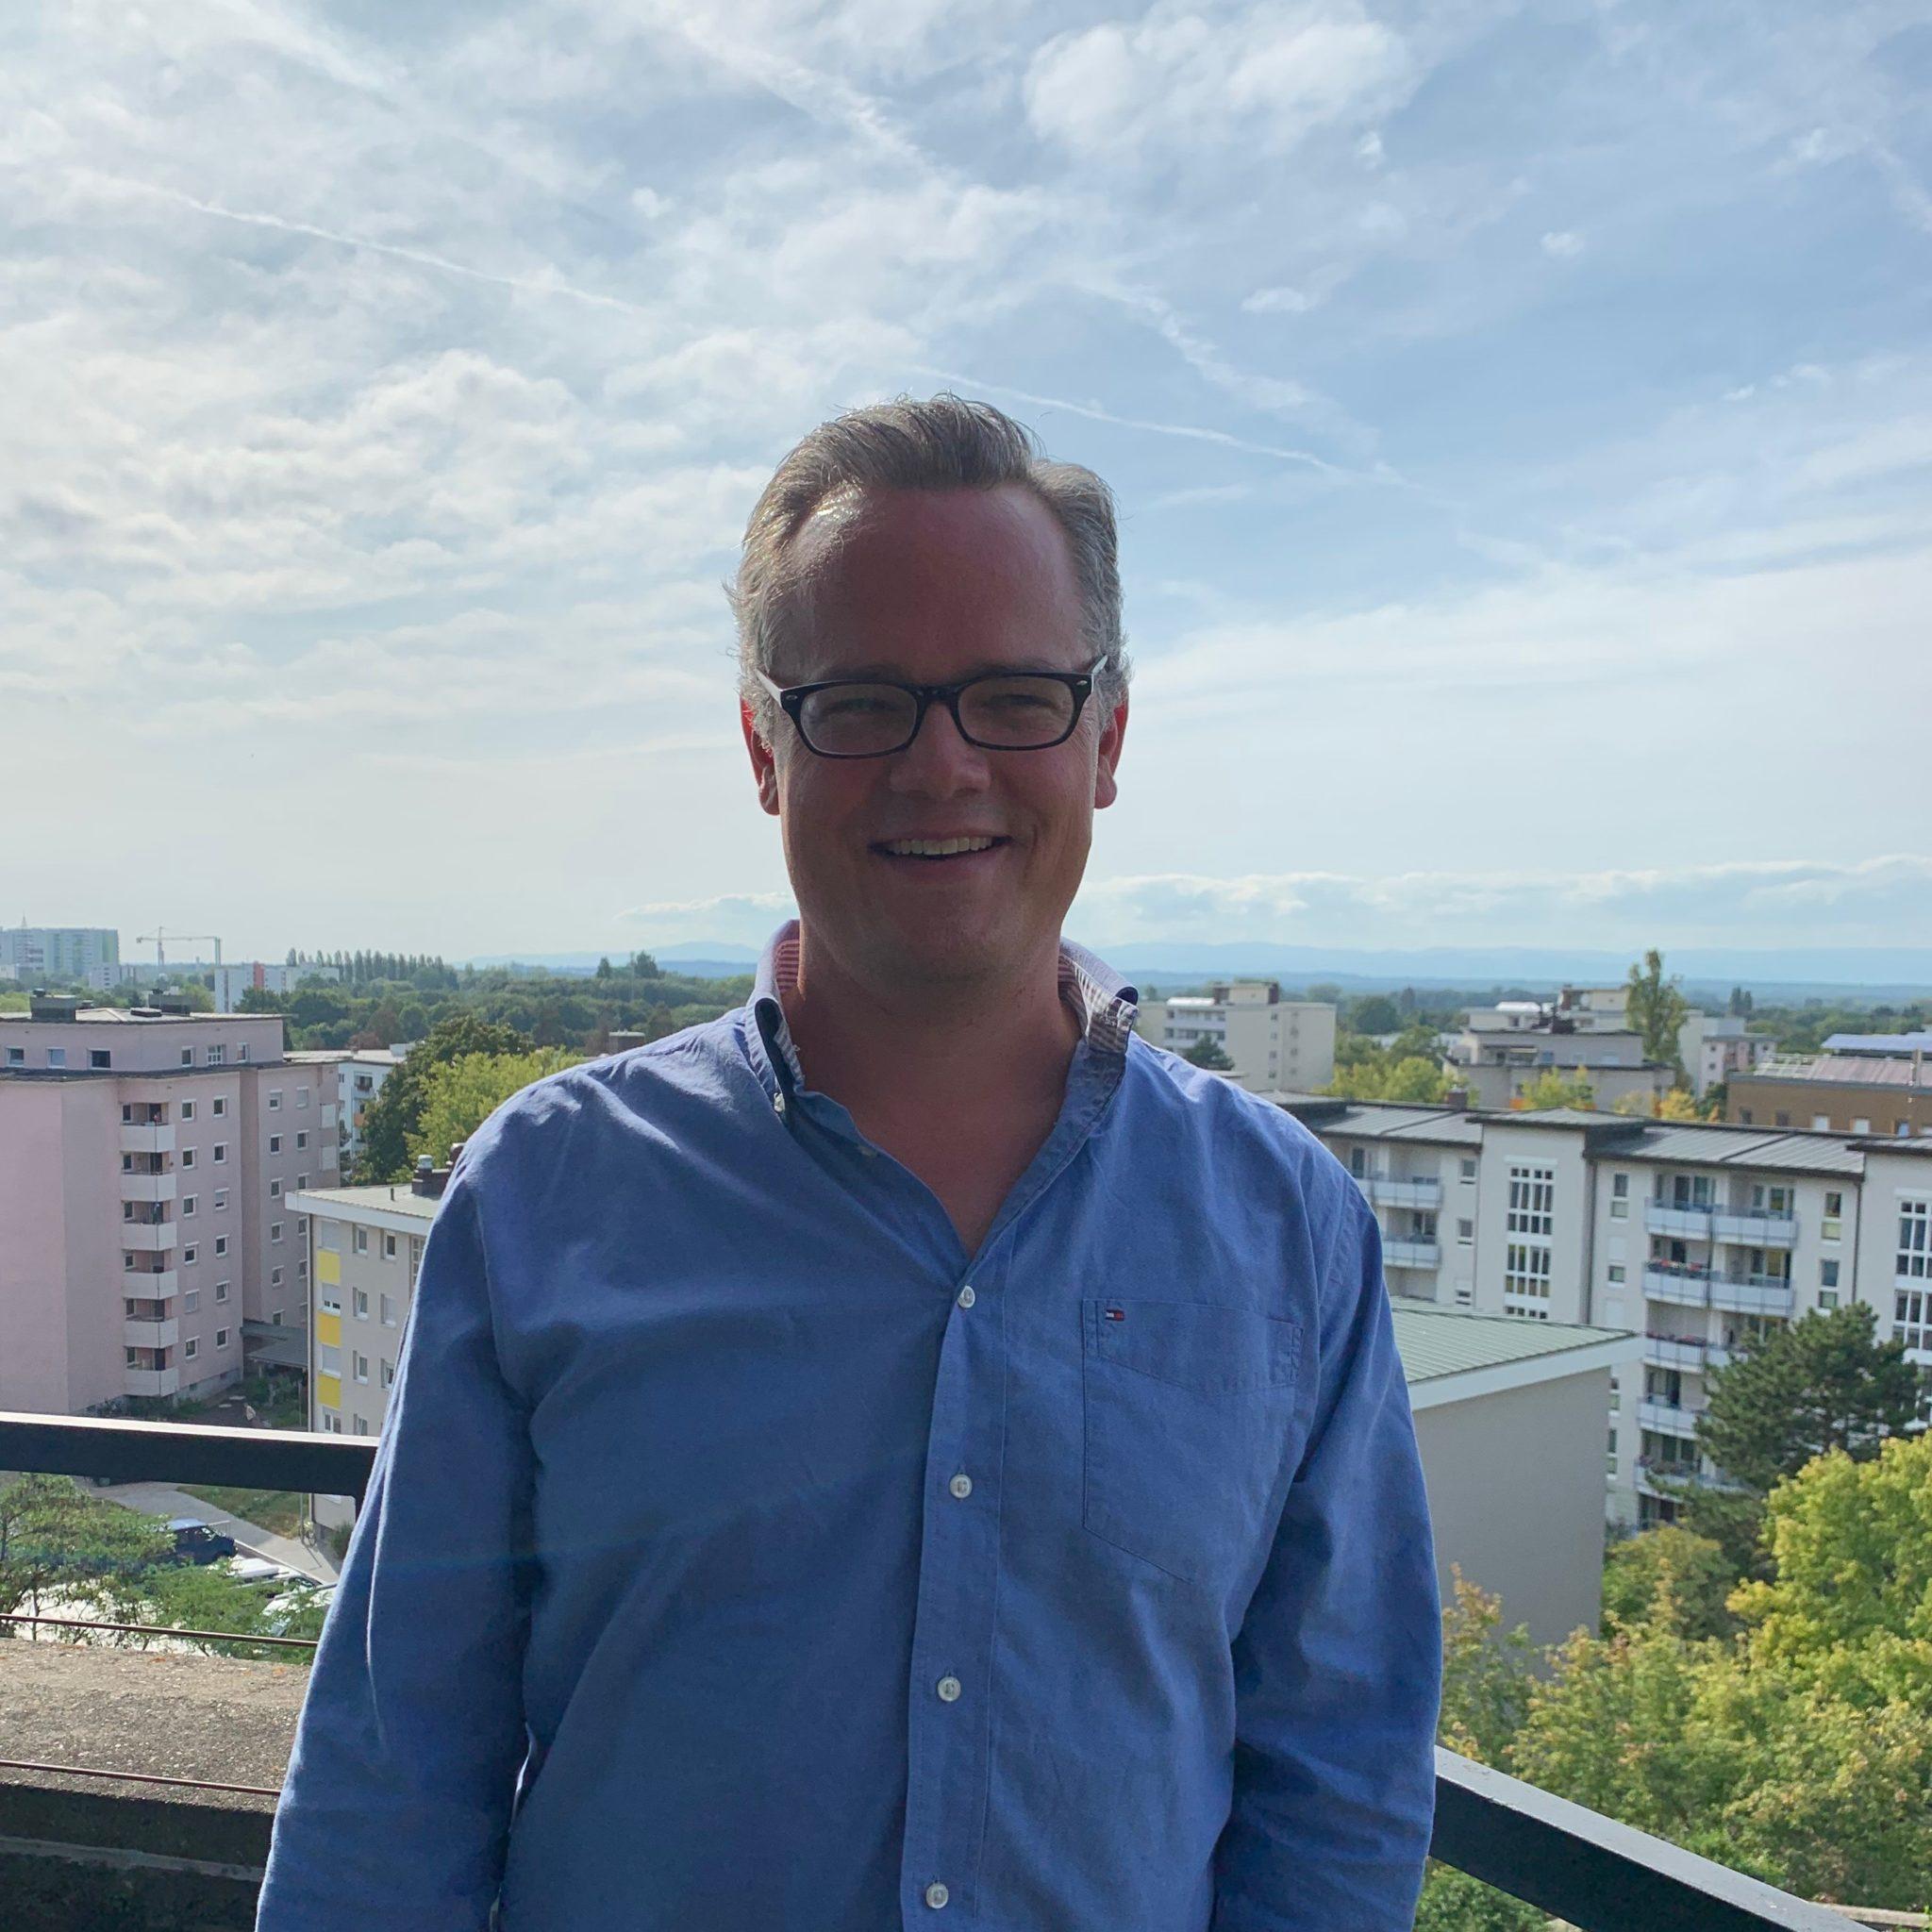 https://urbanes-lernen.obnf.de/wp-content/uploads/2019/09/BenediktSauerborn.jpg